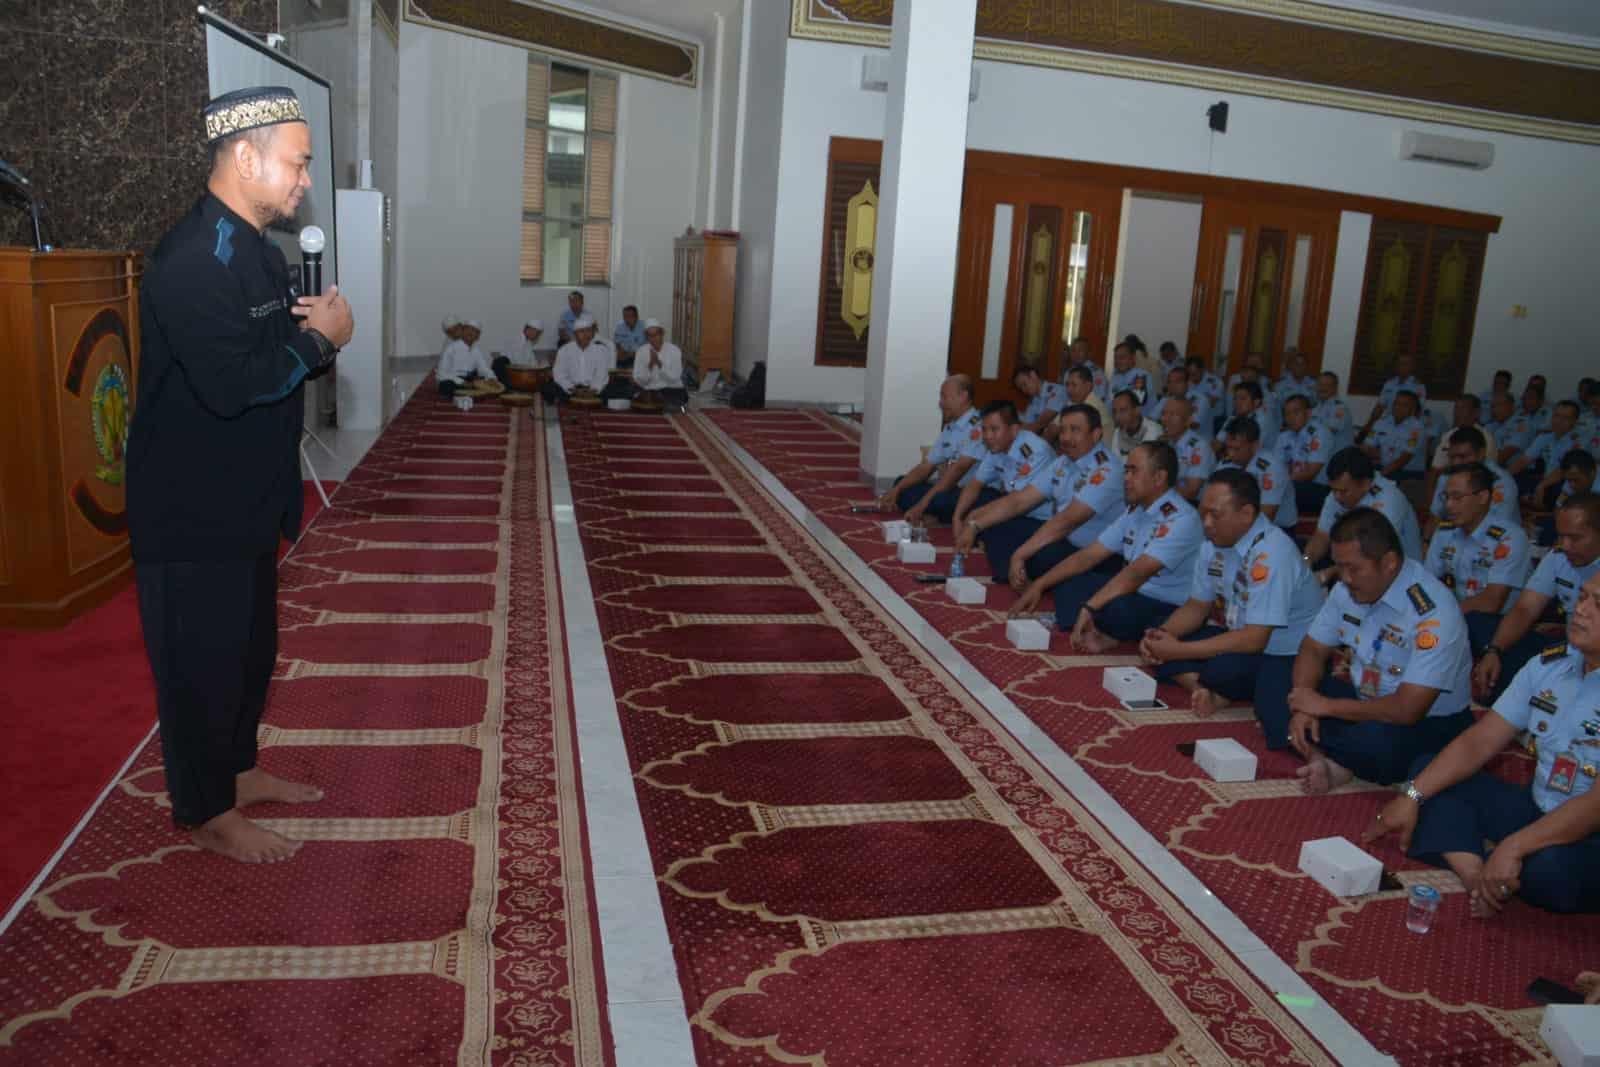 PERINGATAN TAHUN BARU ISLAM 1441 H DI MAKOHANUDNAS